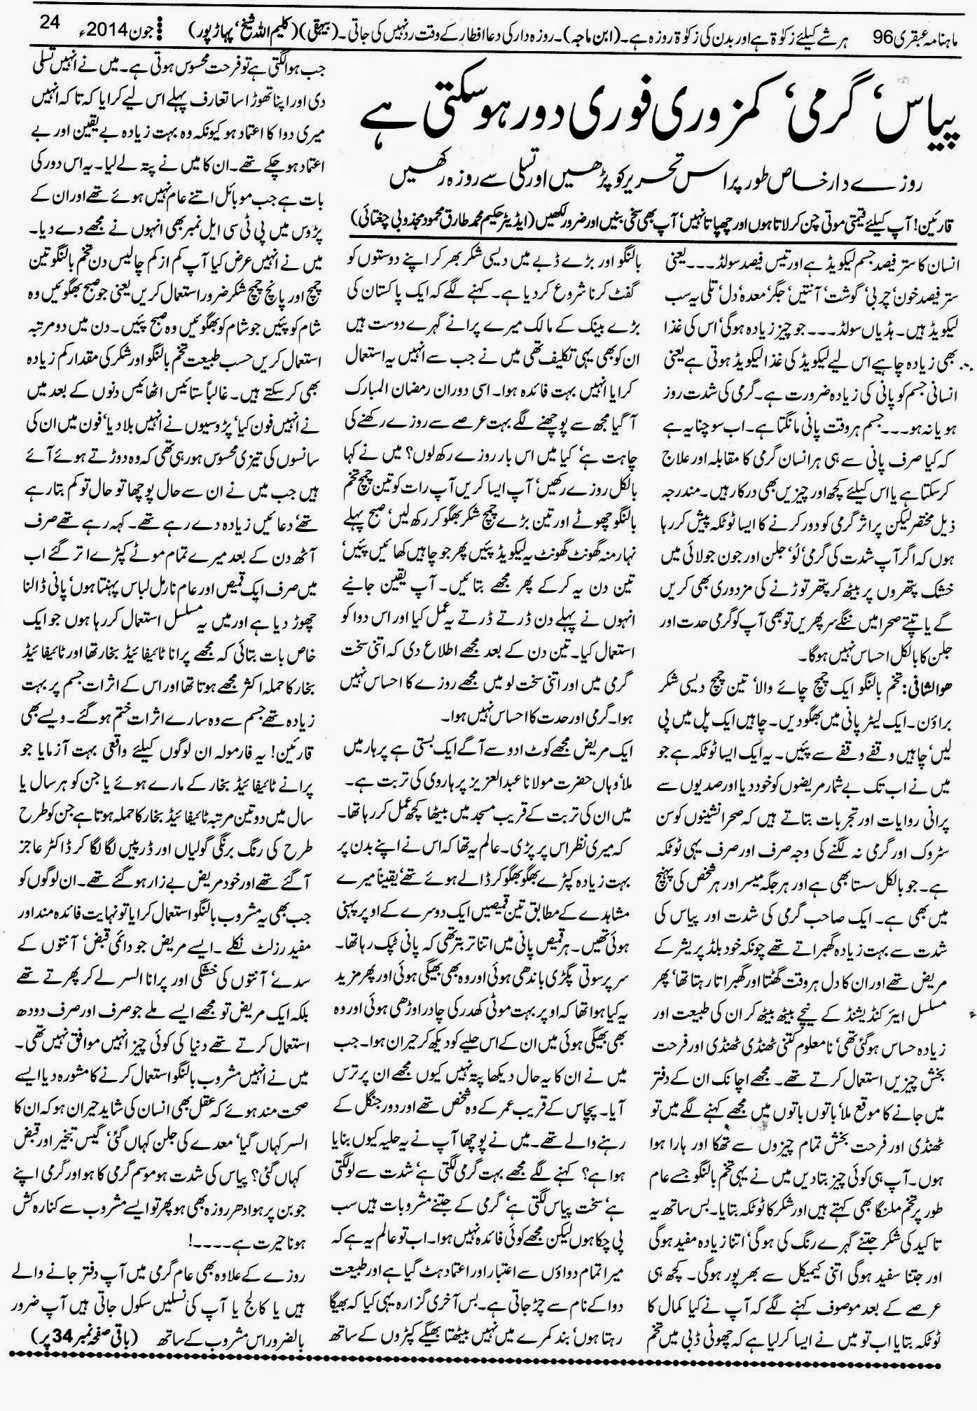 ubqari june 2014 page 24